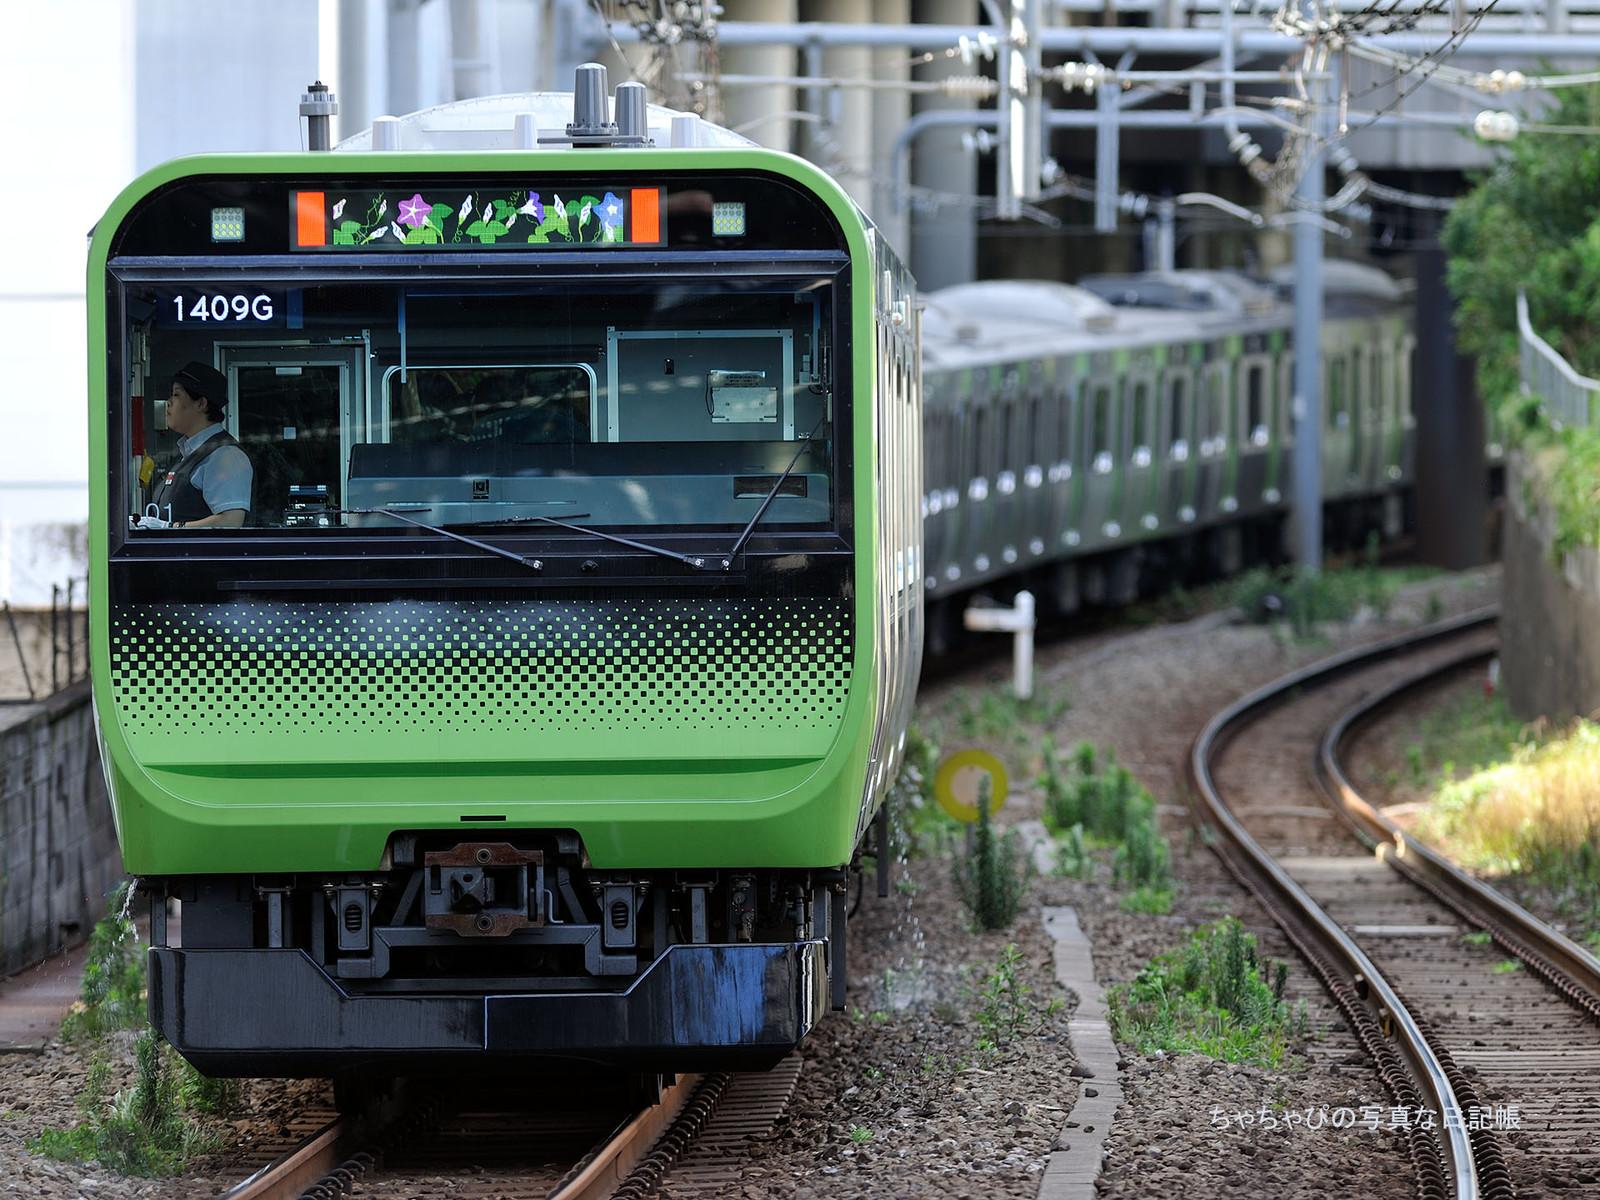 E235系0番台 -1409ゥ 01編成-